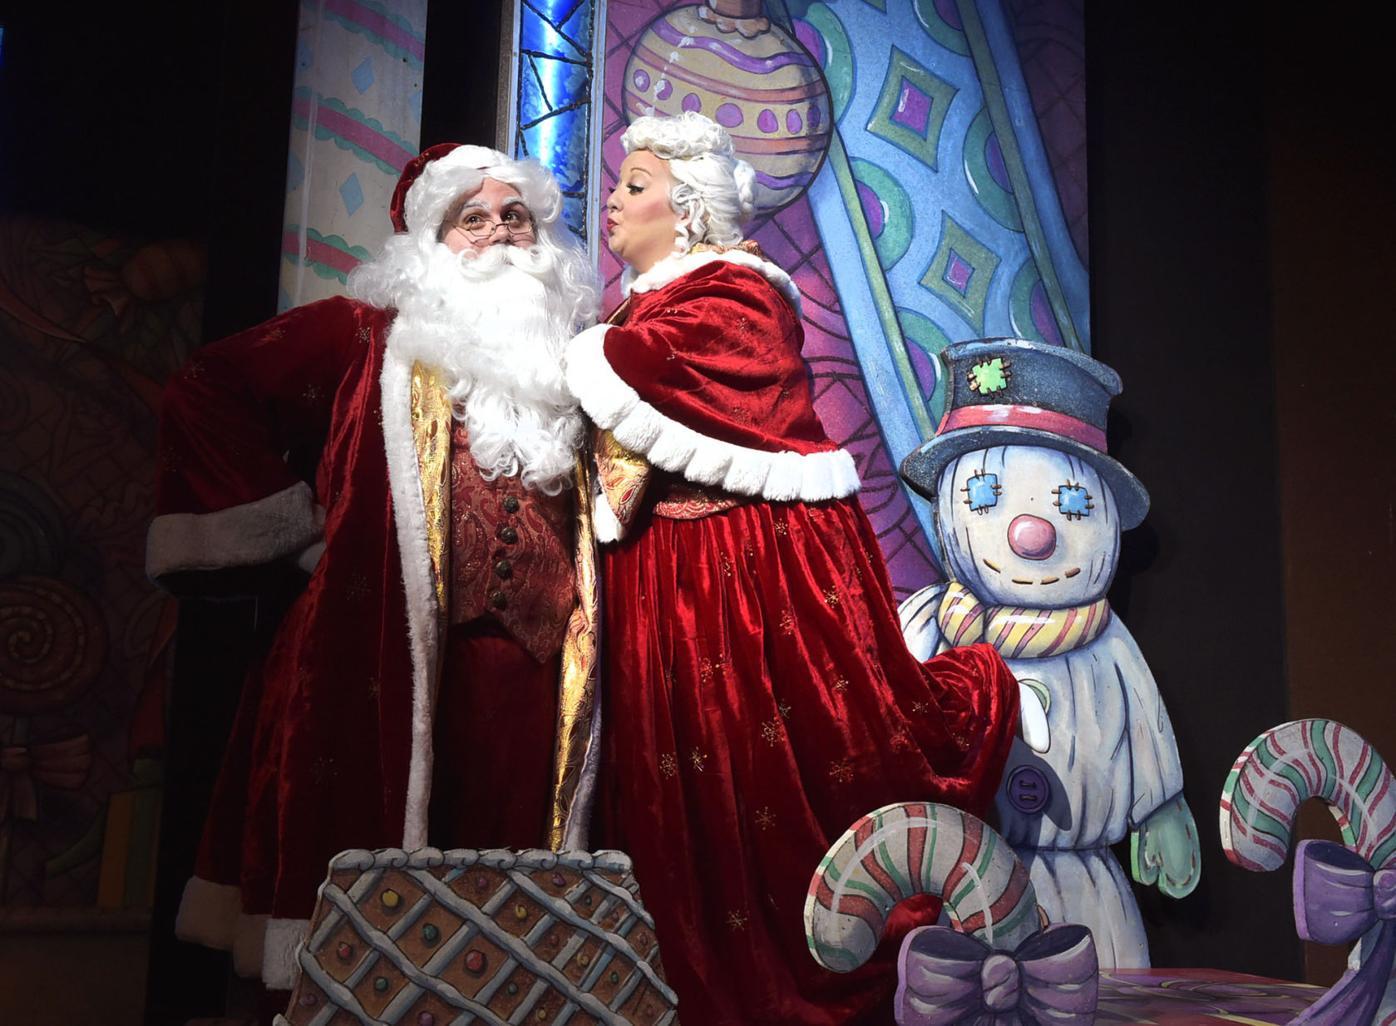 holly jolly christmas03.jpg